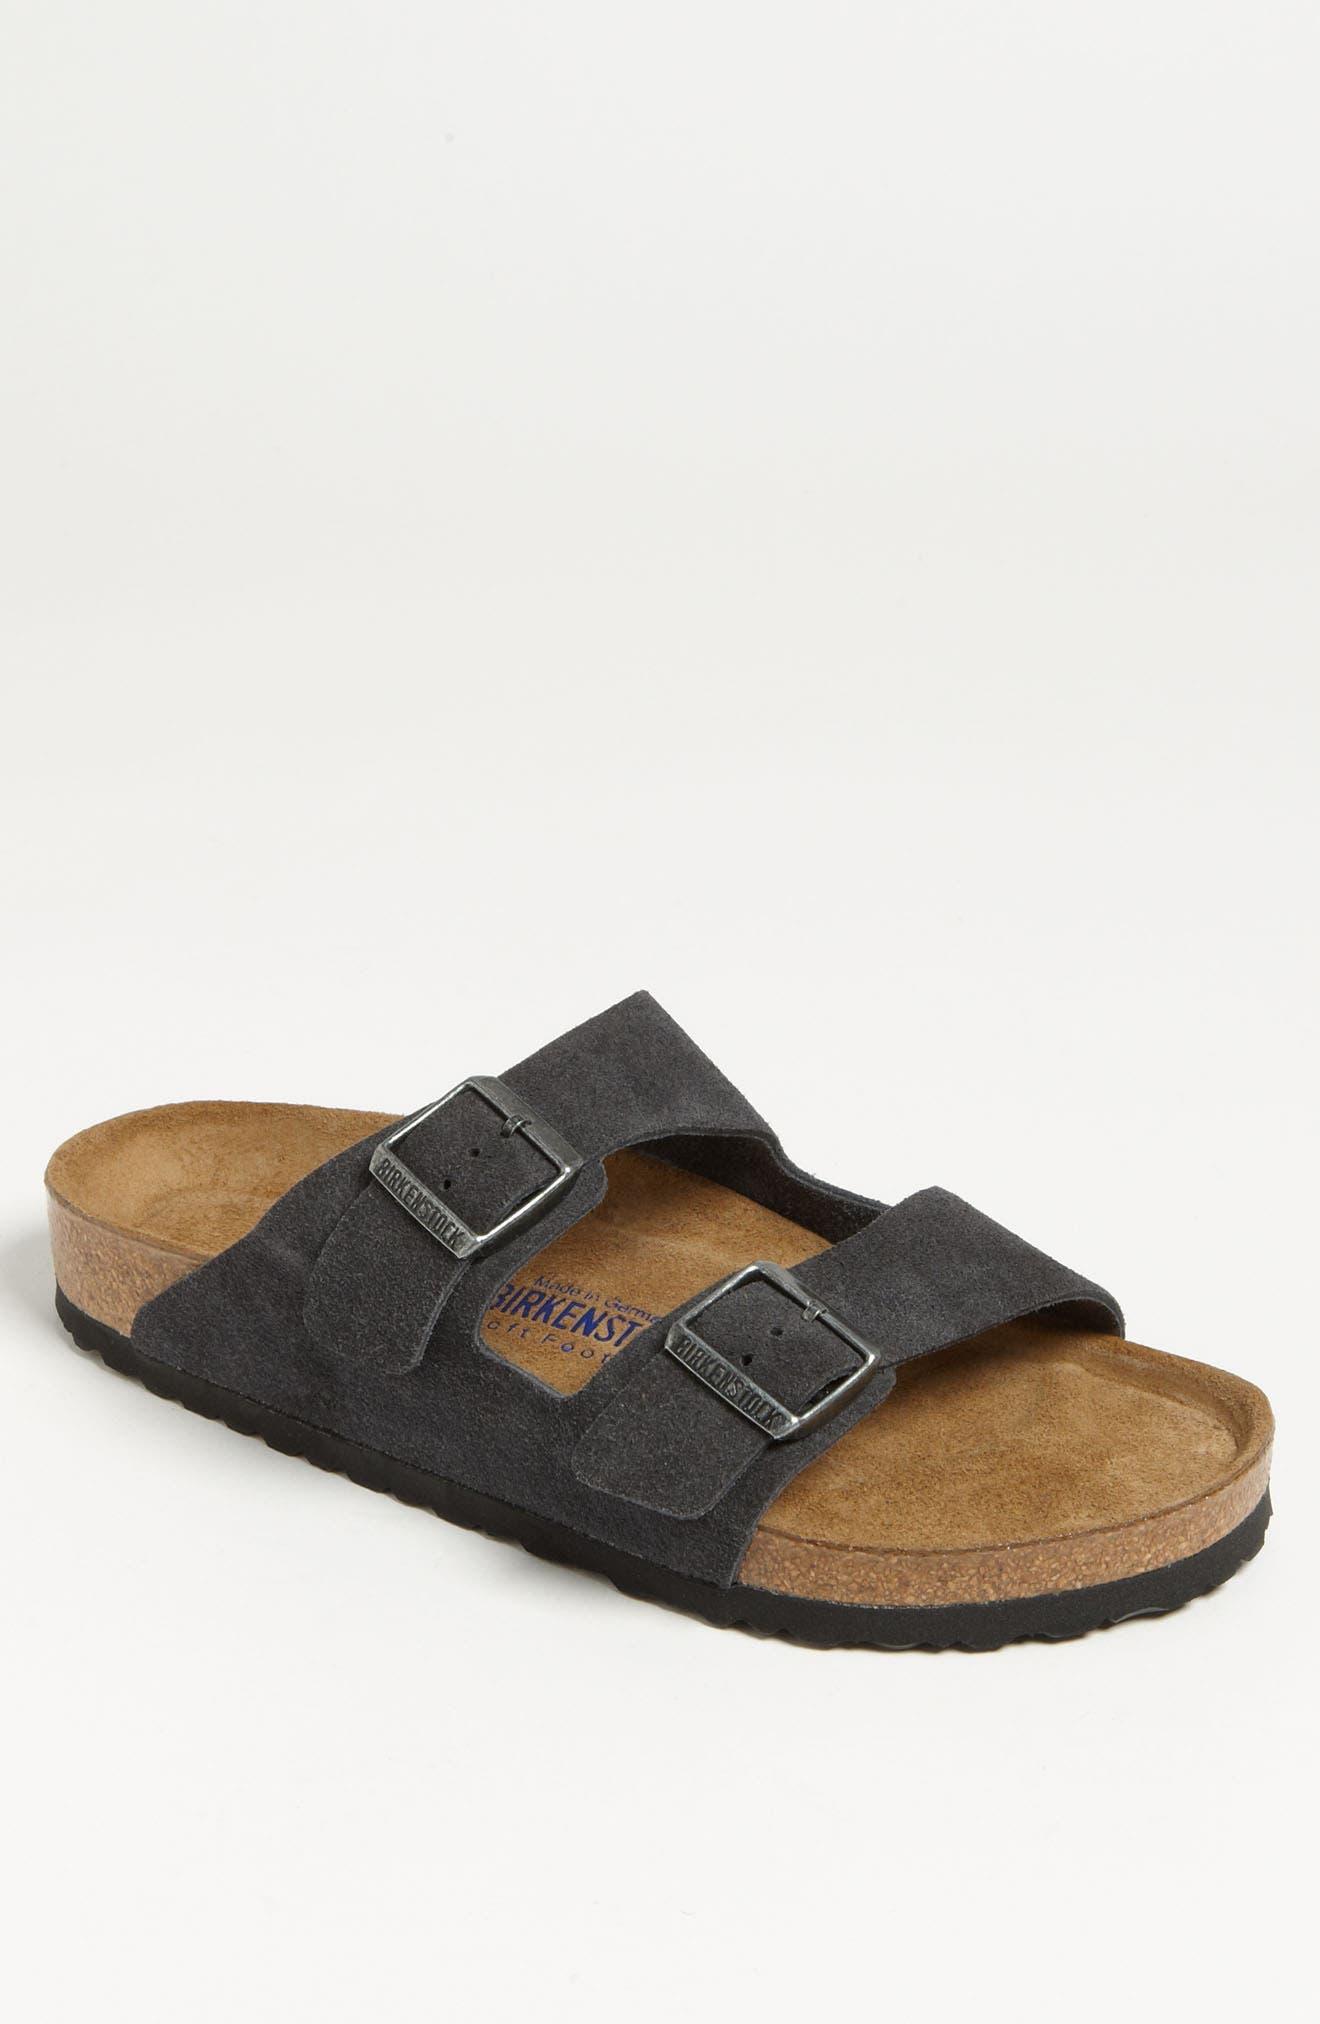 BIRKENSTOCK Arizona Soft Slide Sandal, Main, color, VELVET GRAY